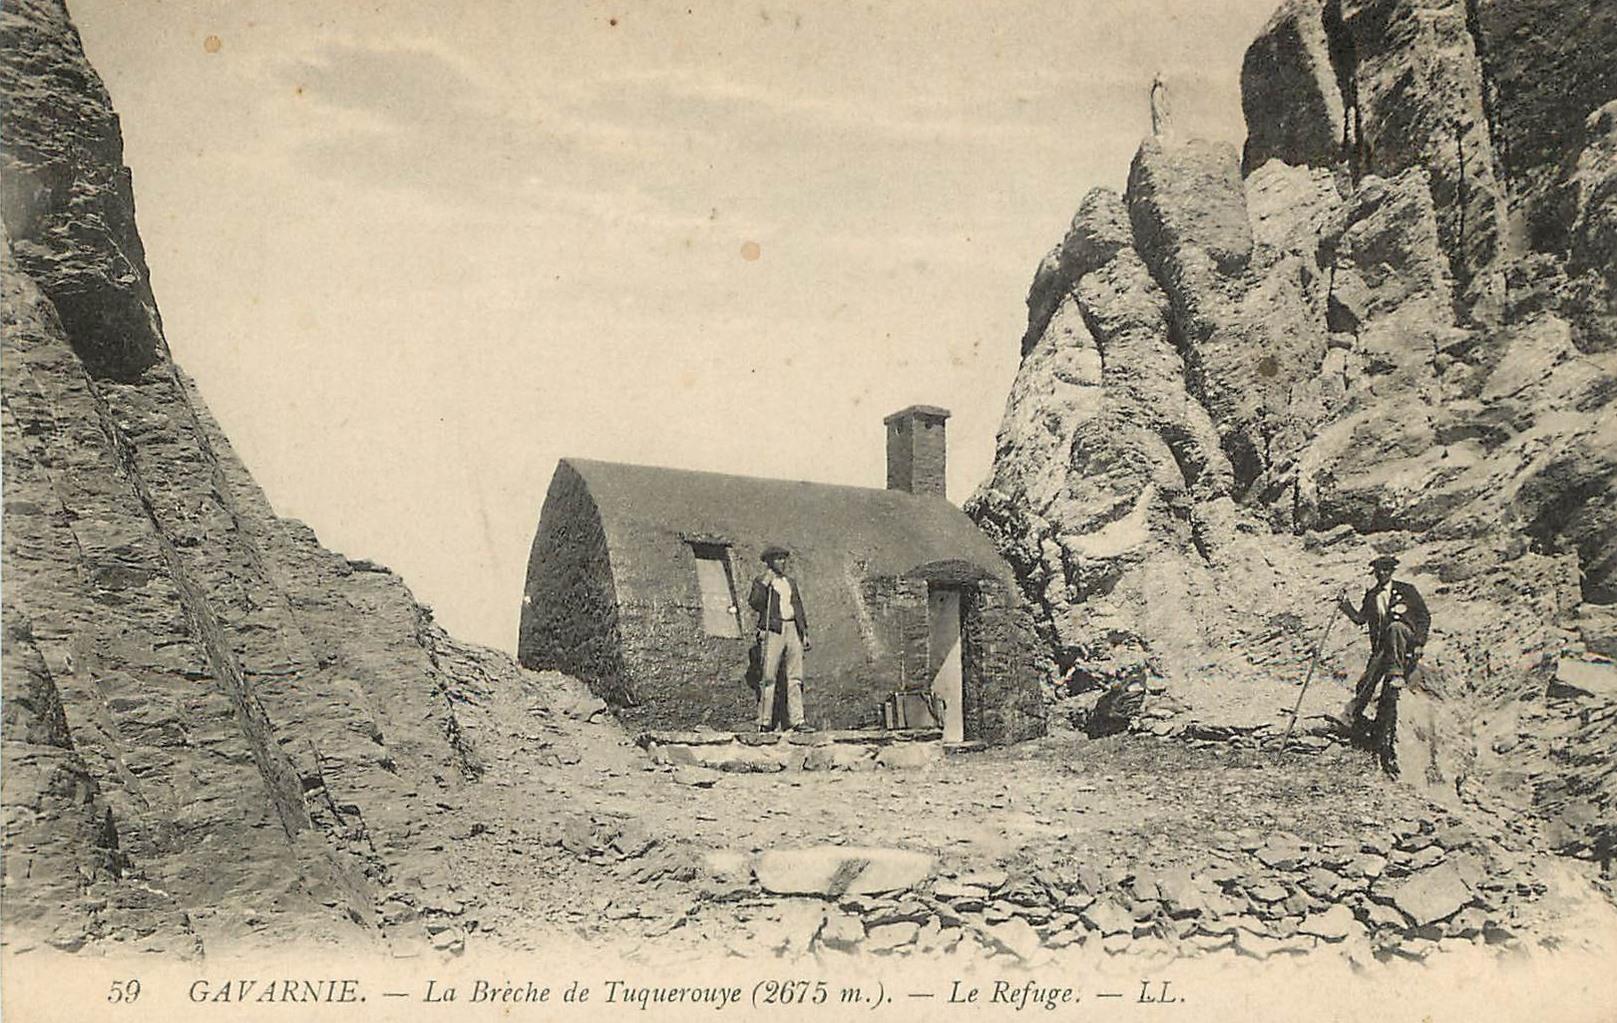 Le refuge de Tuquerouye